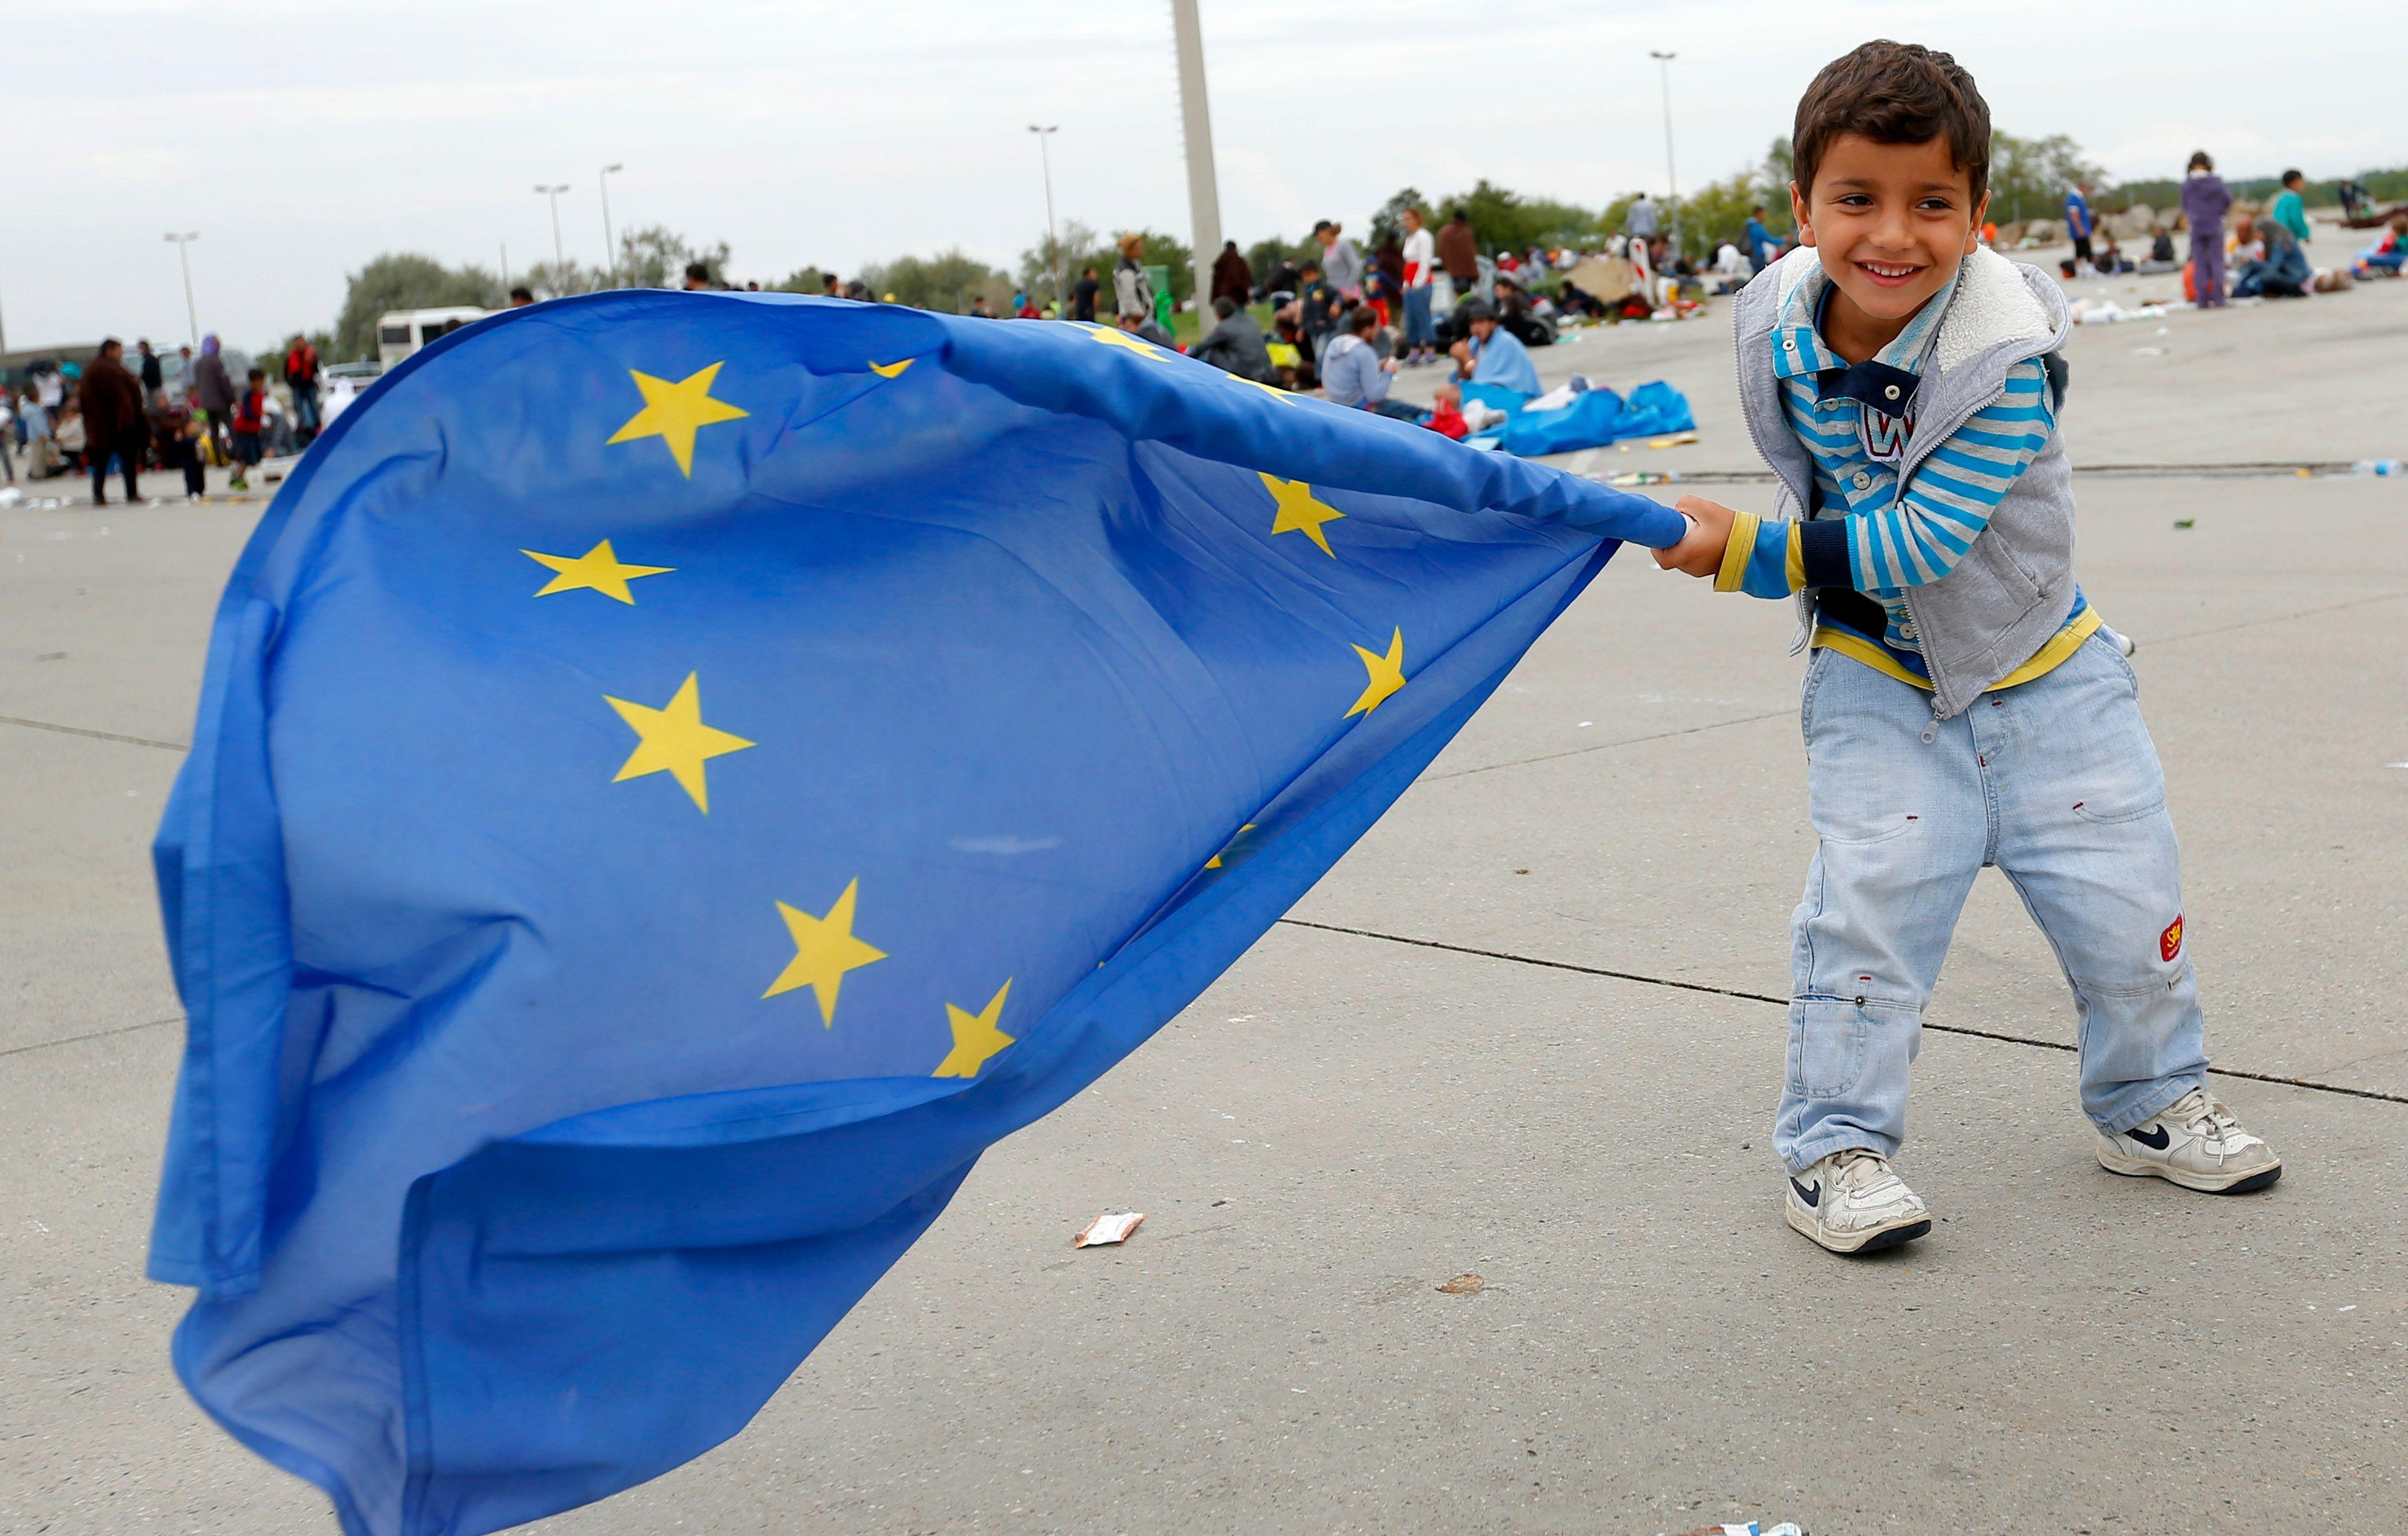 L'UE est tétanisée par l'austérité et la crise des migrants.